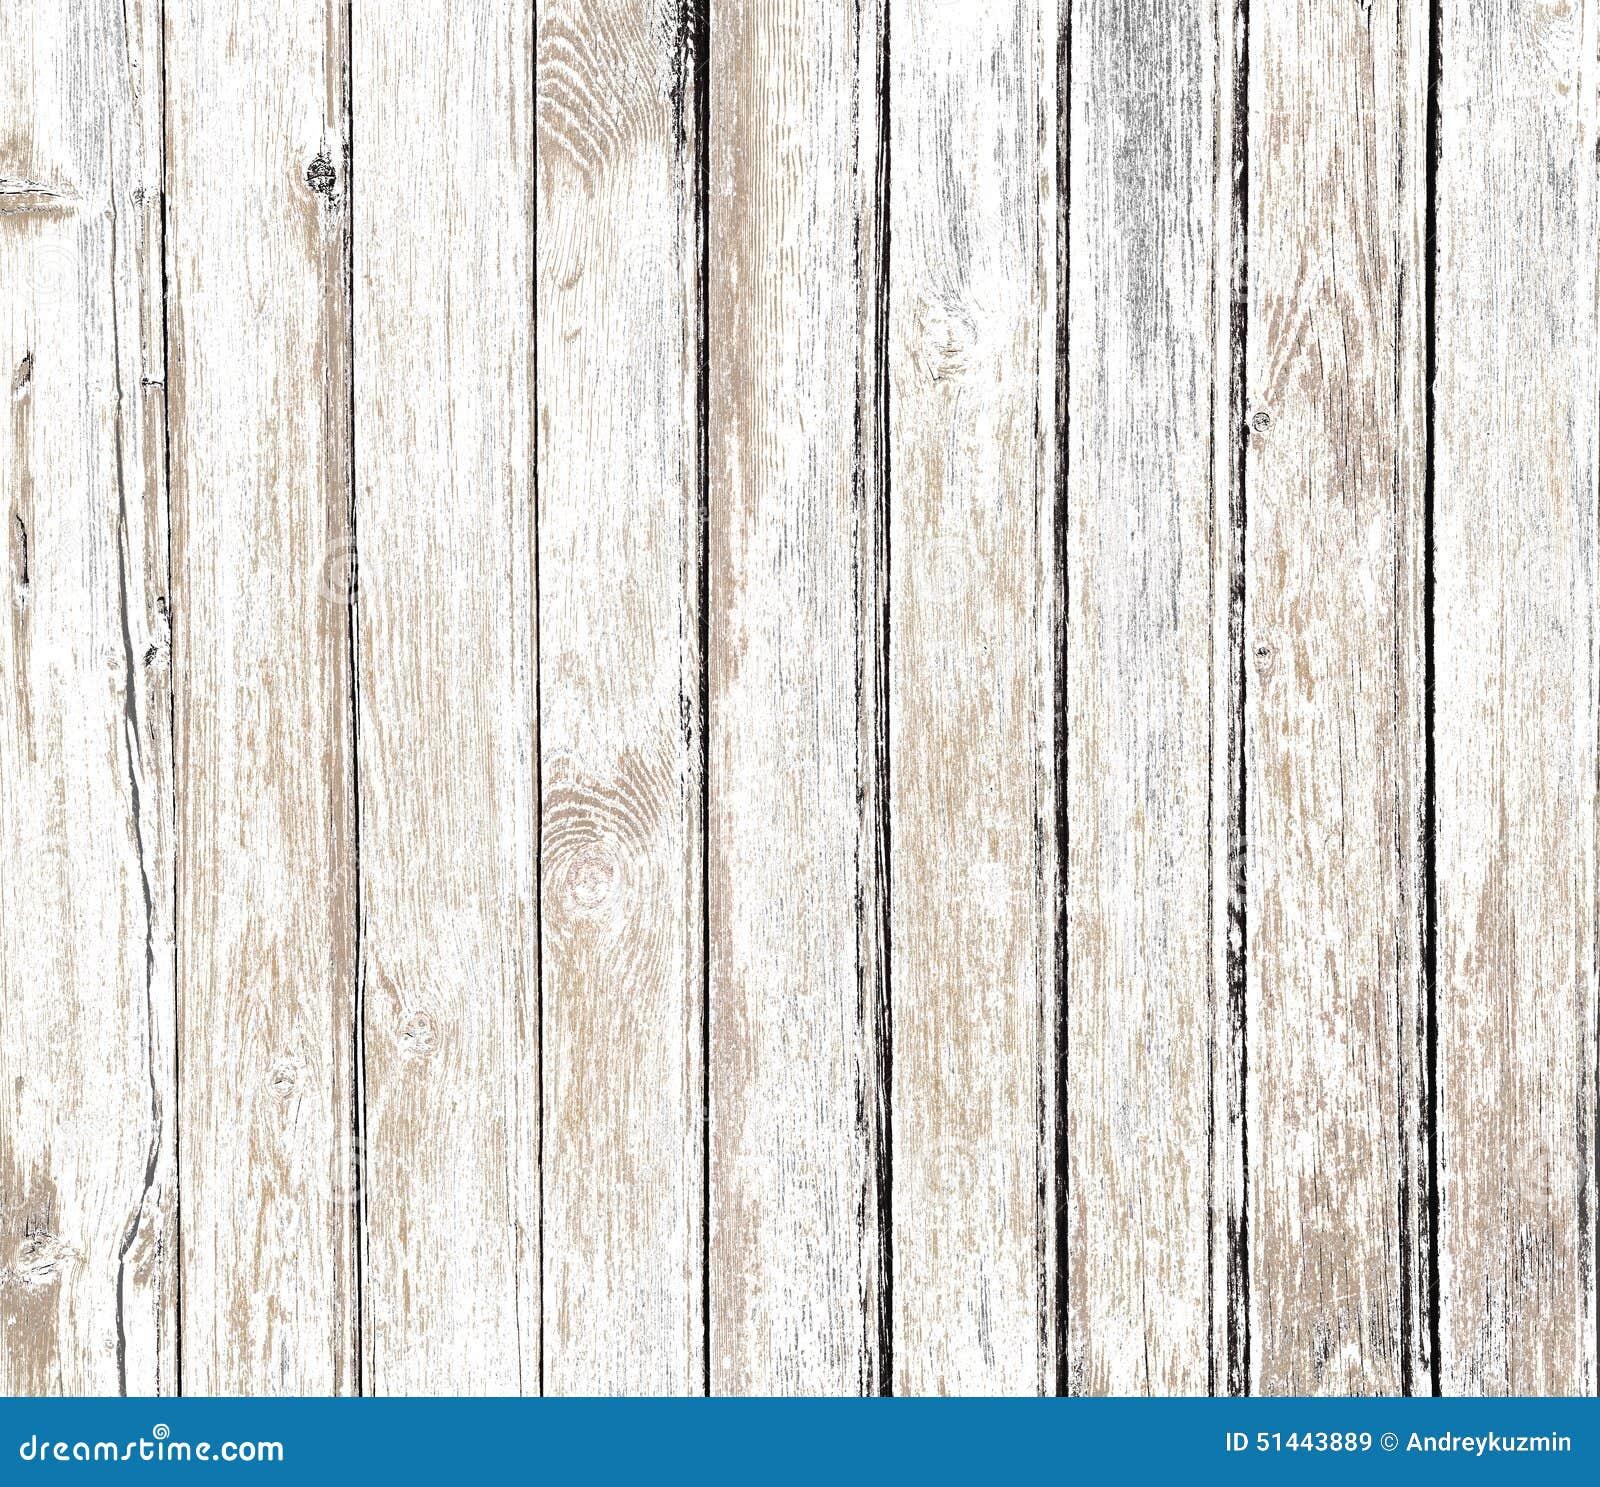 vintage white old wood background stock image image of desk label 51443889. Black Bedroom Furniture Sets. Home Design Ideas